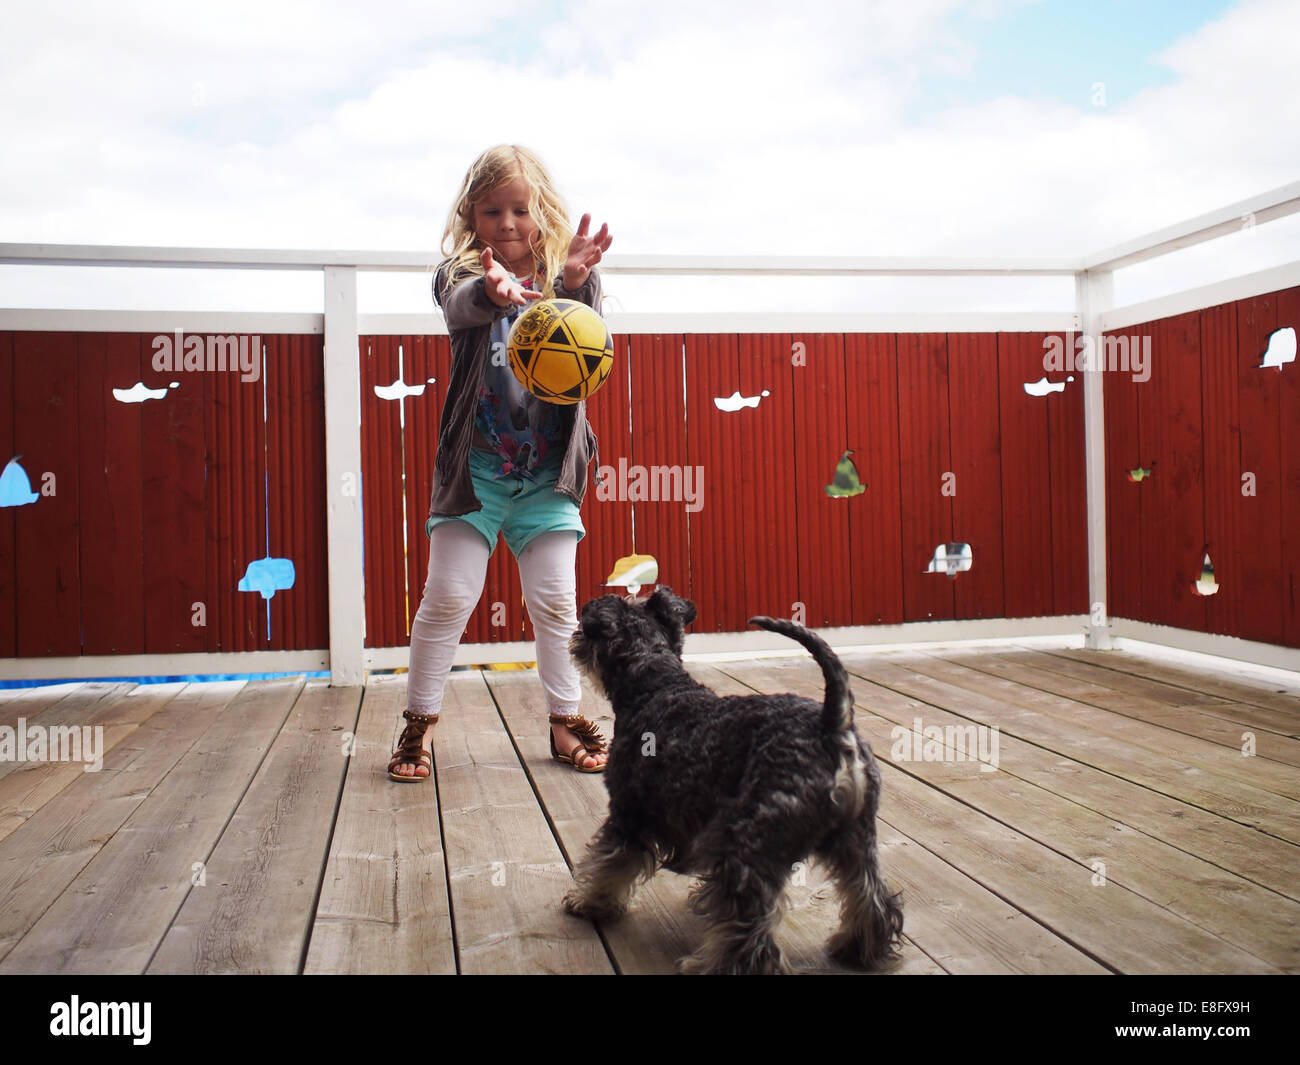 Ragazza giovane (6-7 anni) giocando con il cane Immagini Stock